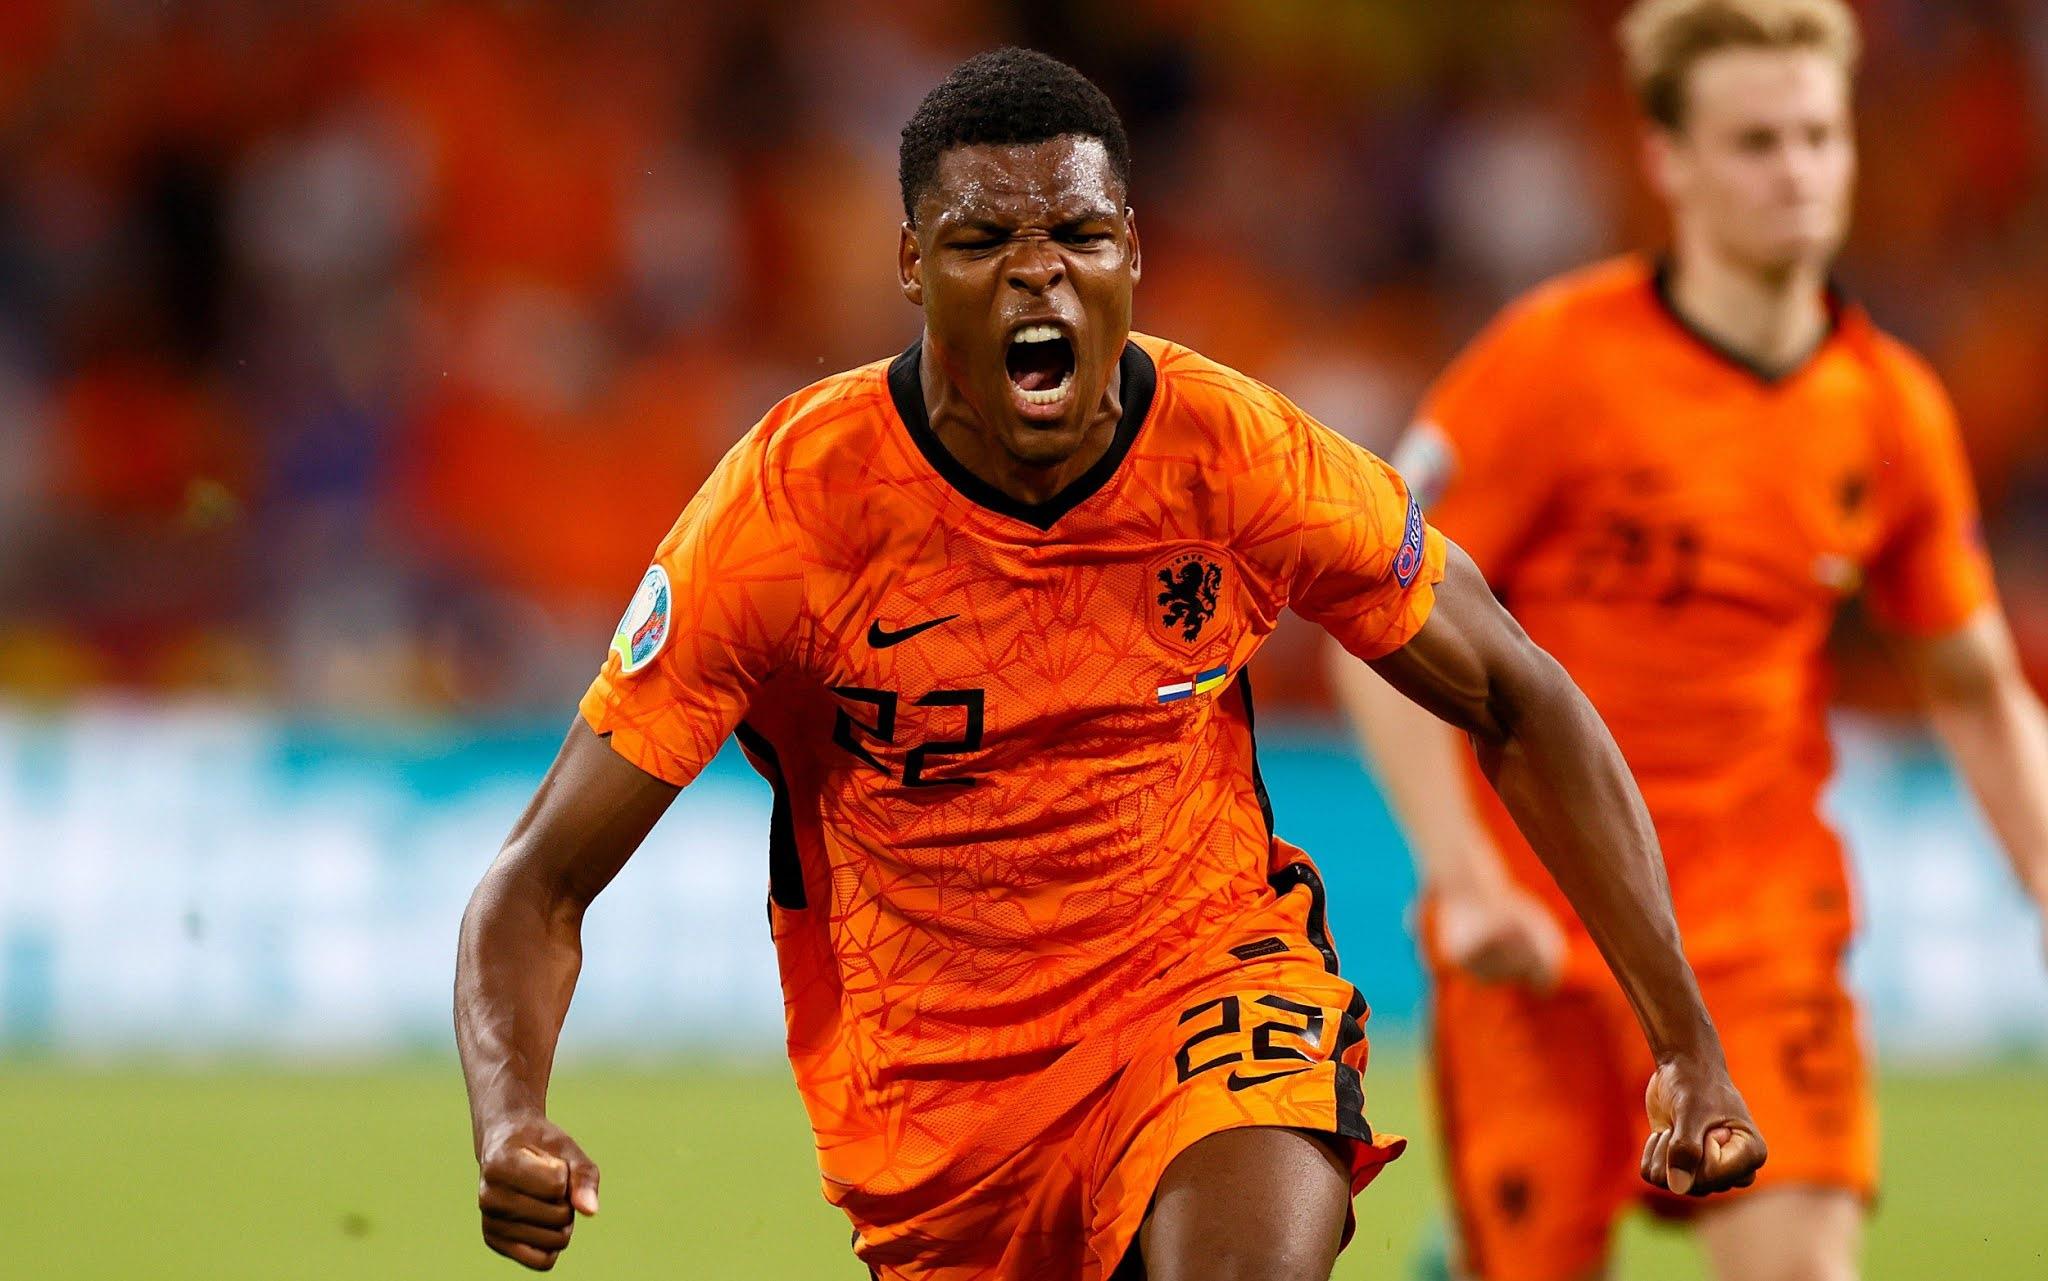 PSV defender Denzel Dumfries